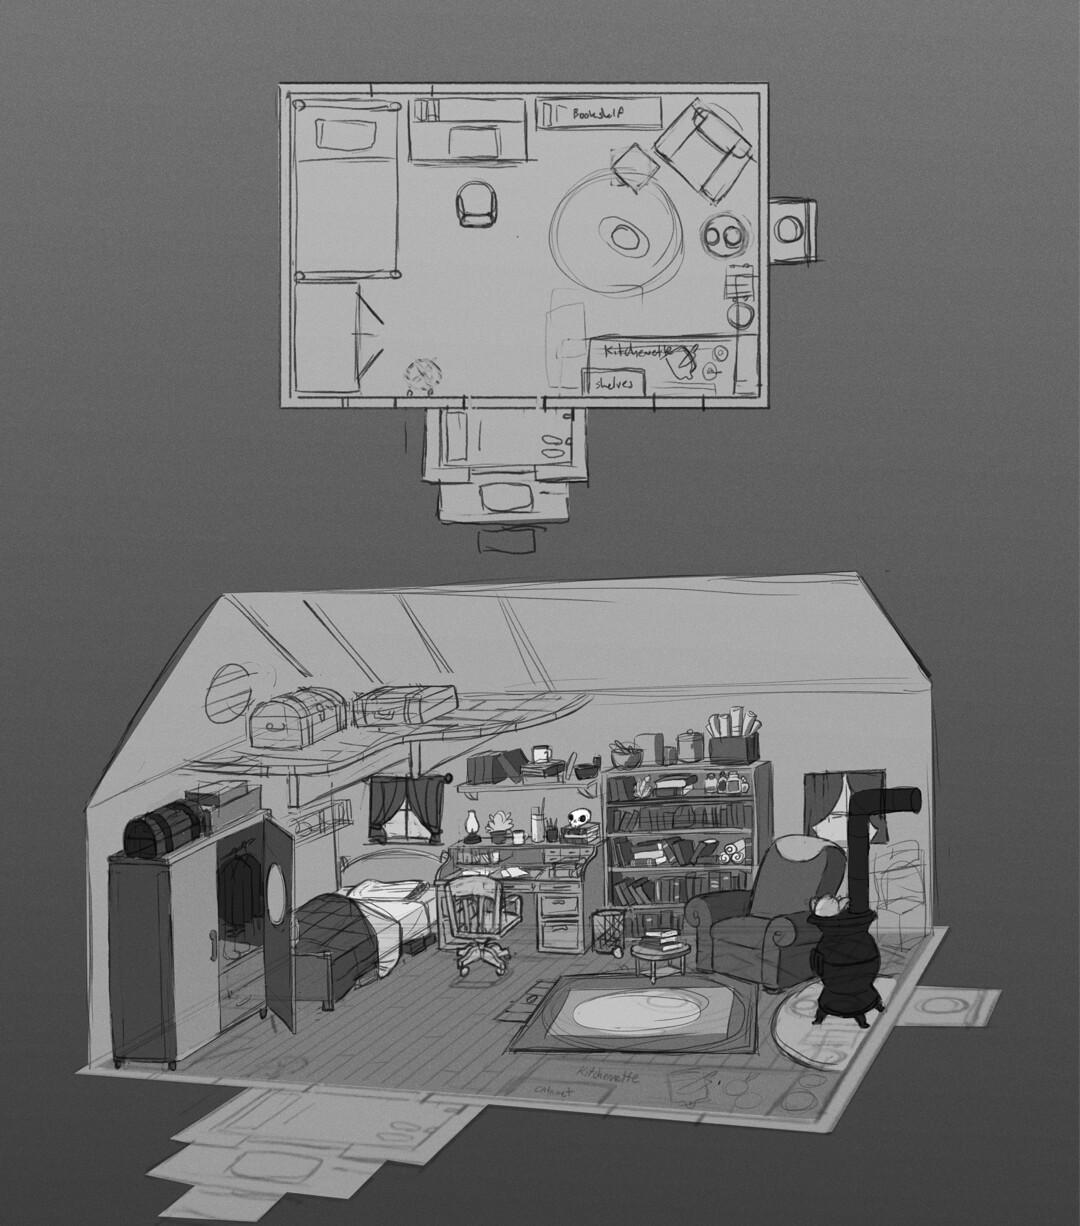 Day 6 - Cottage interior